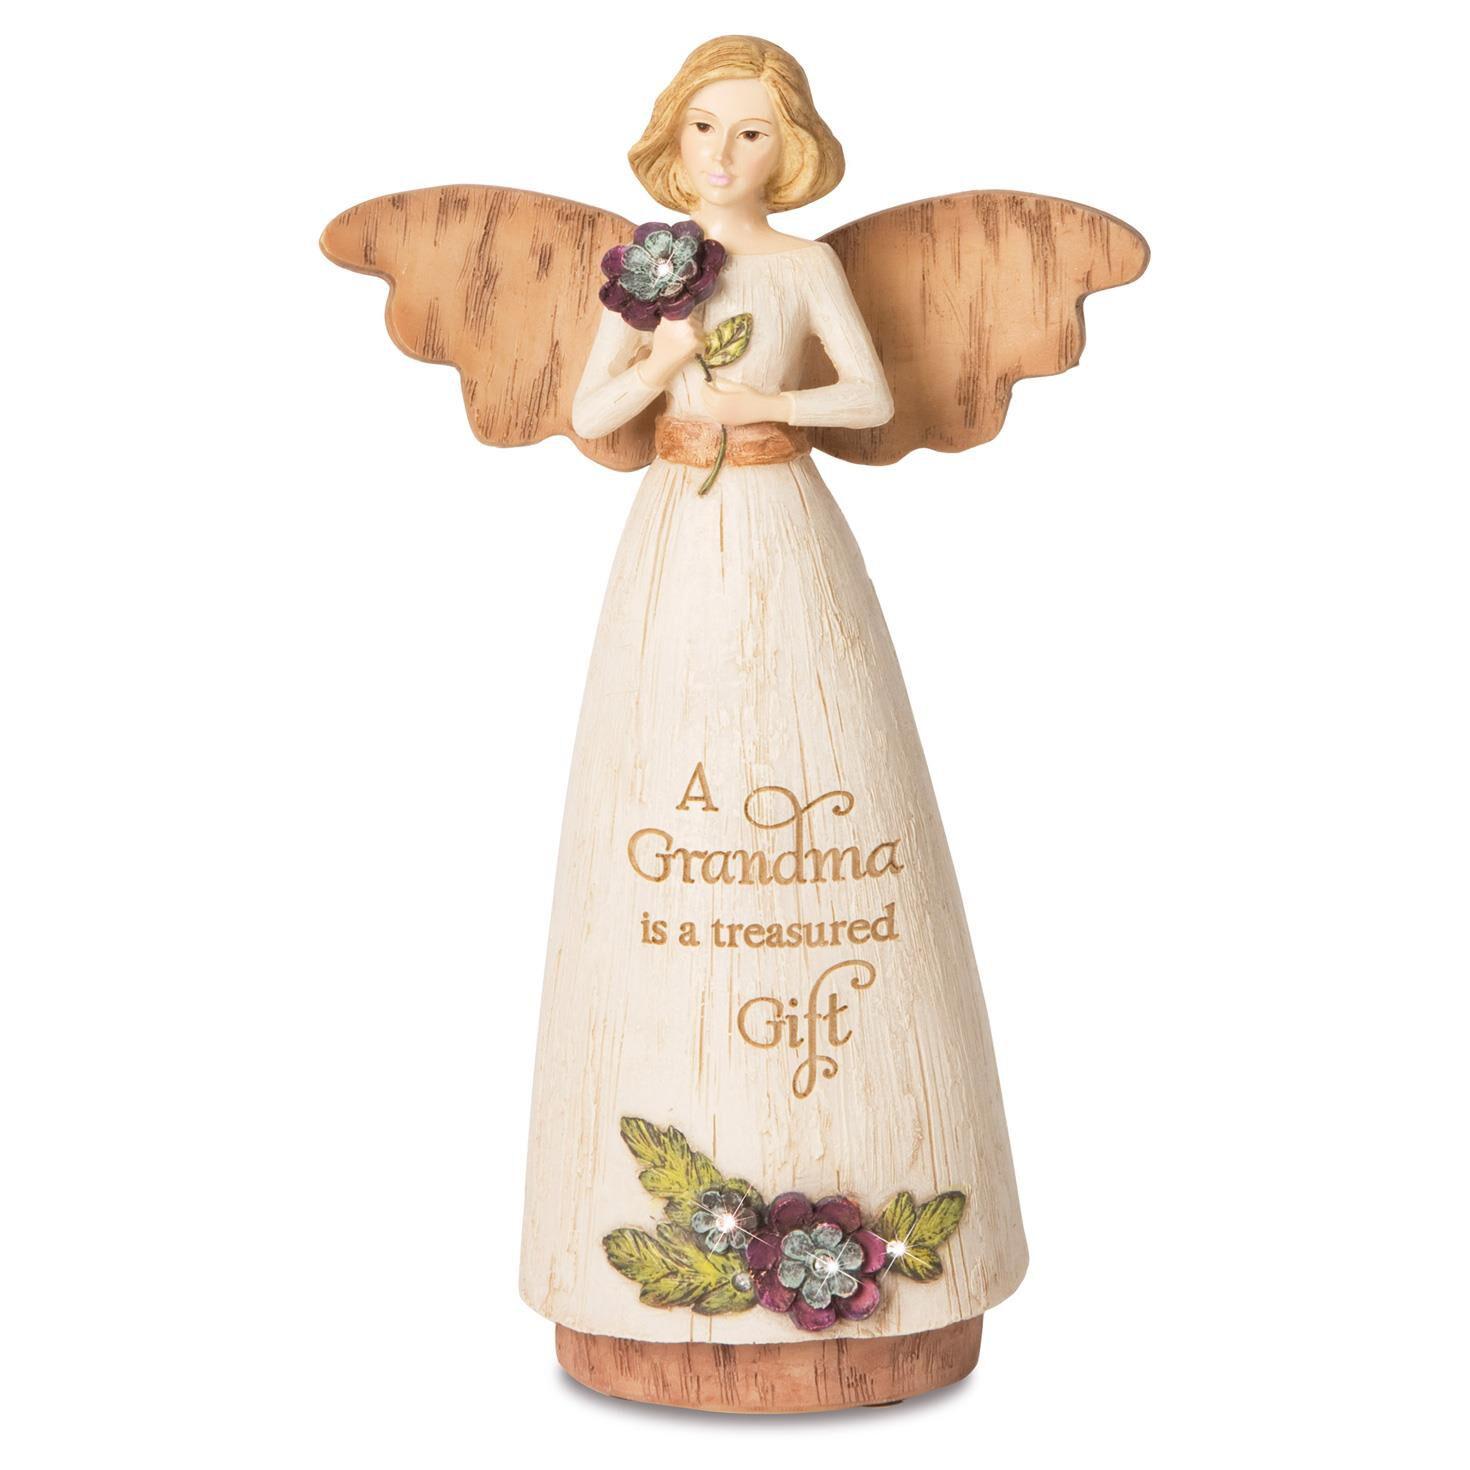 a grandma is a treasured gift angel figurine figurines hallmark